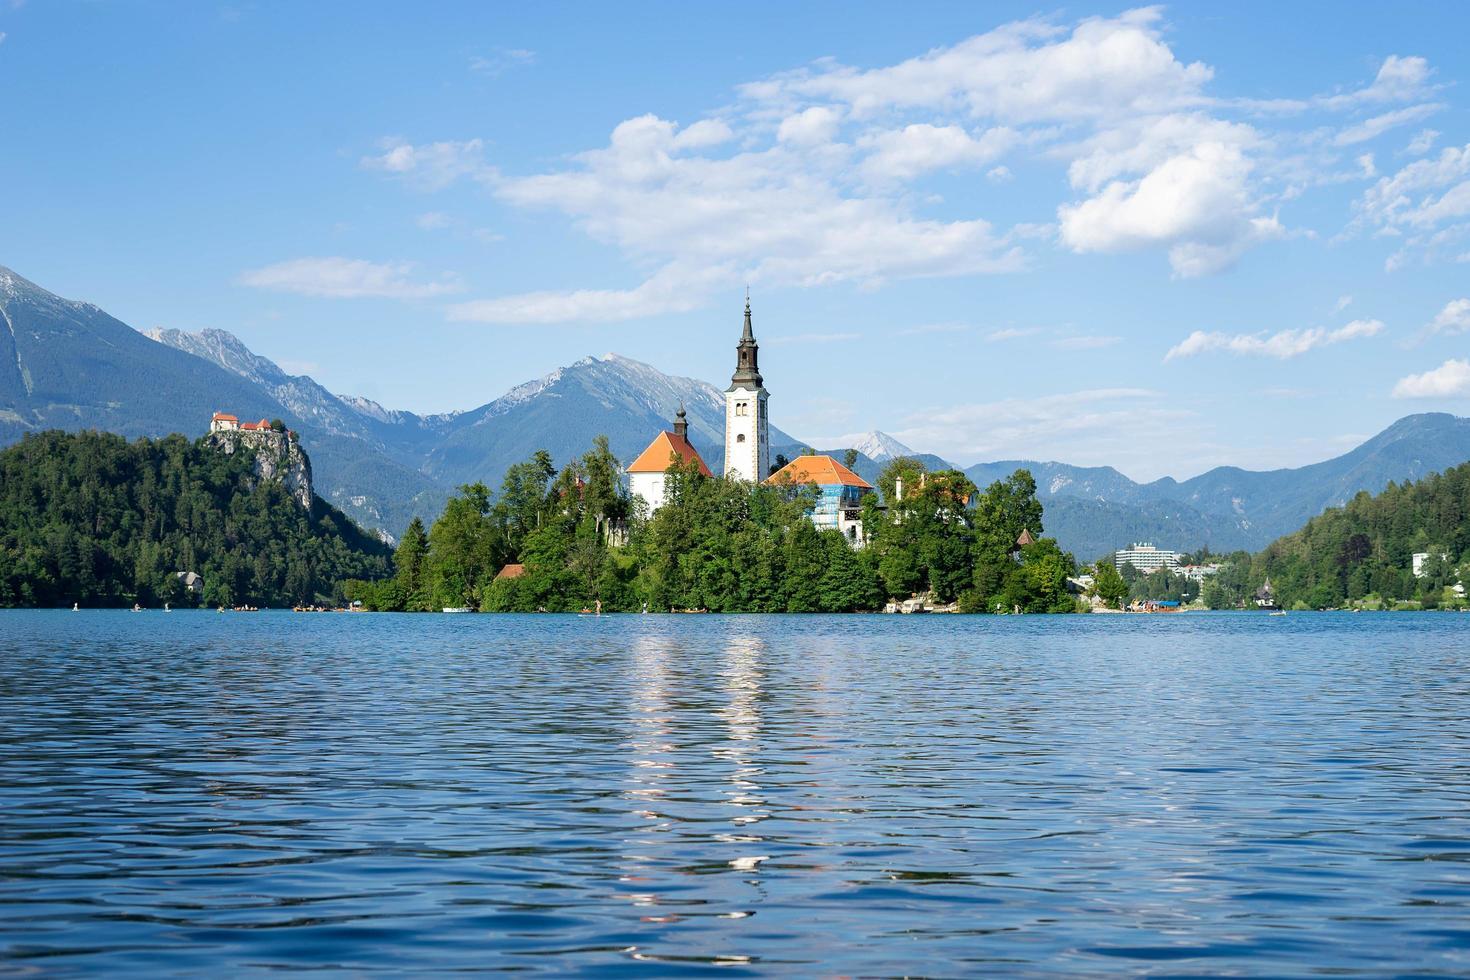 lago di bled, slovenia, 2020 - chiesa su un'isola sul lago di bled foto